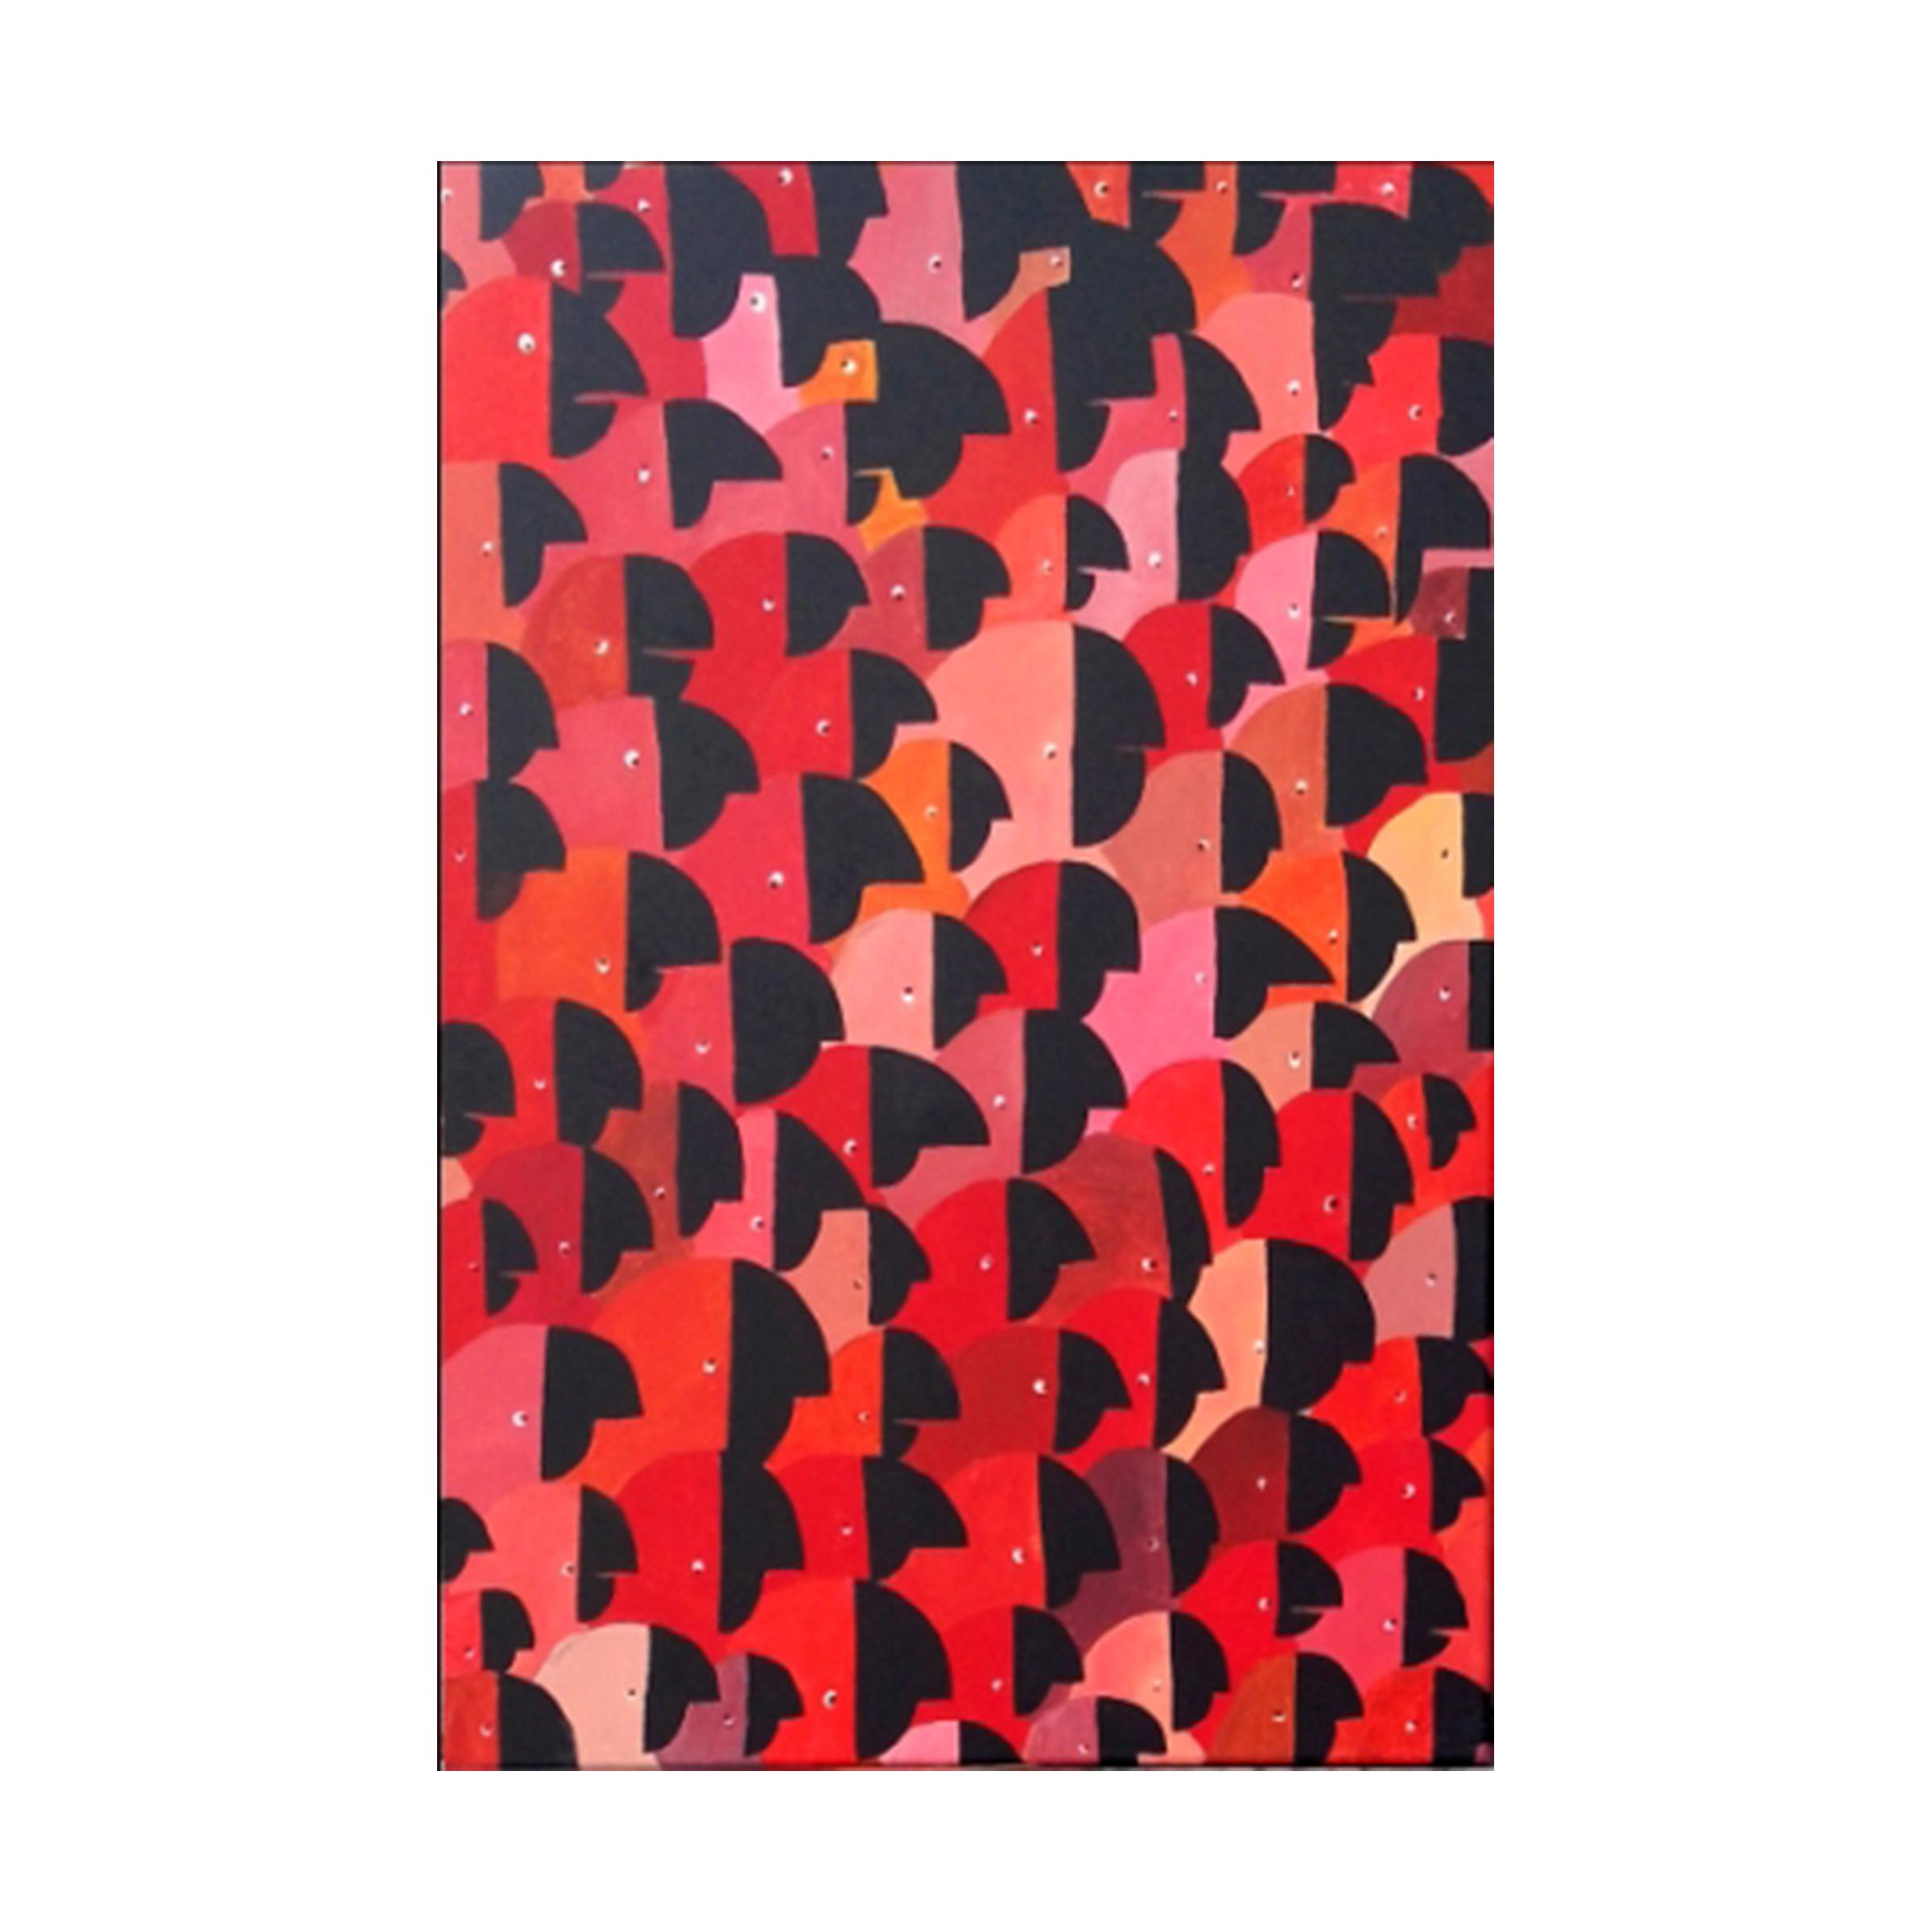 b 2 - los amigos de Teodoro, acrylic on canvas, 24''x 36'', $ 500 + shipping